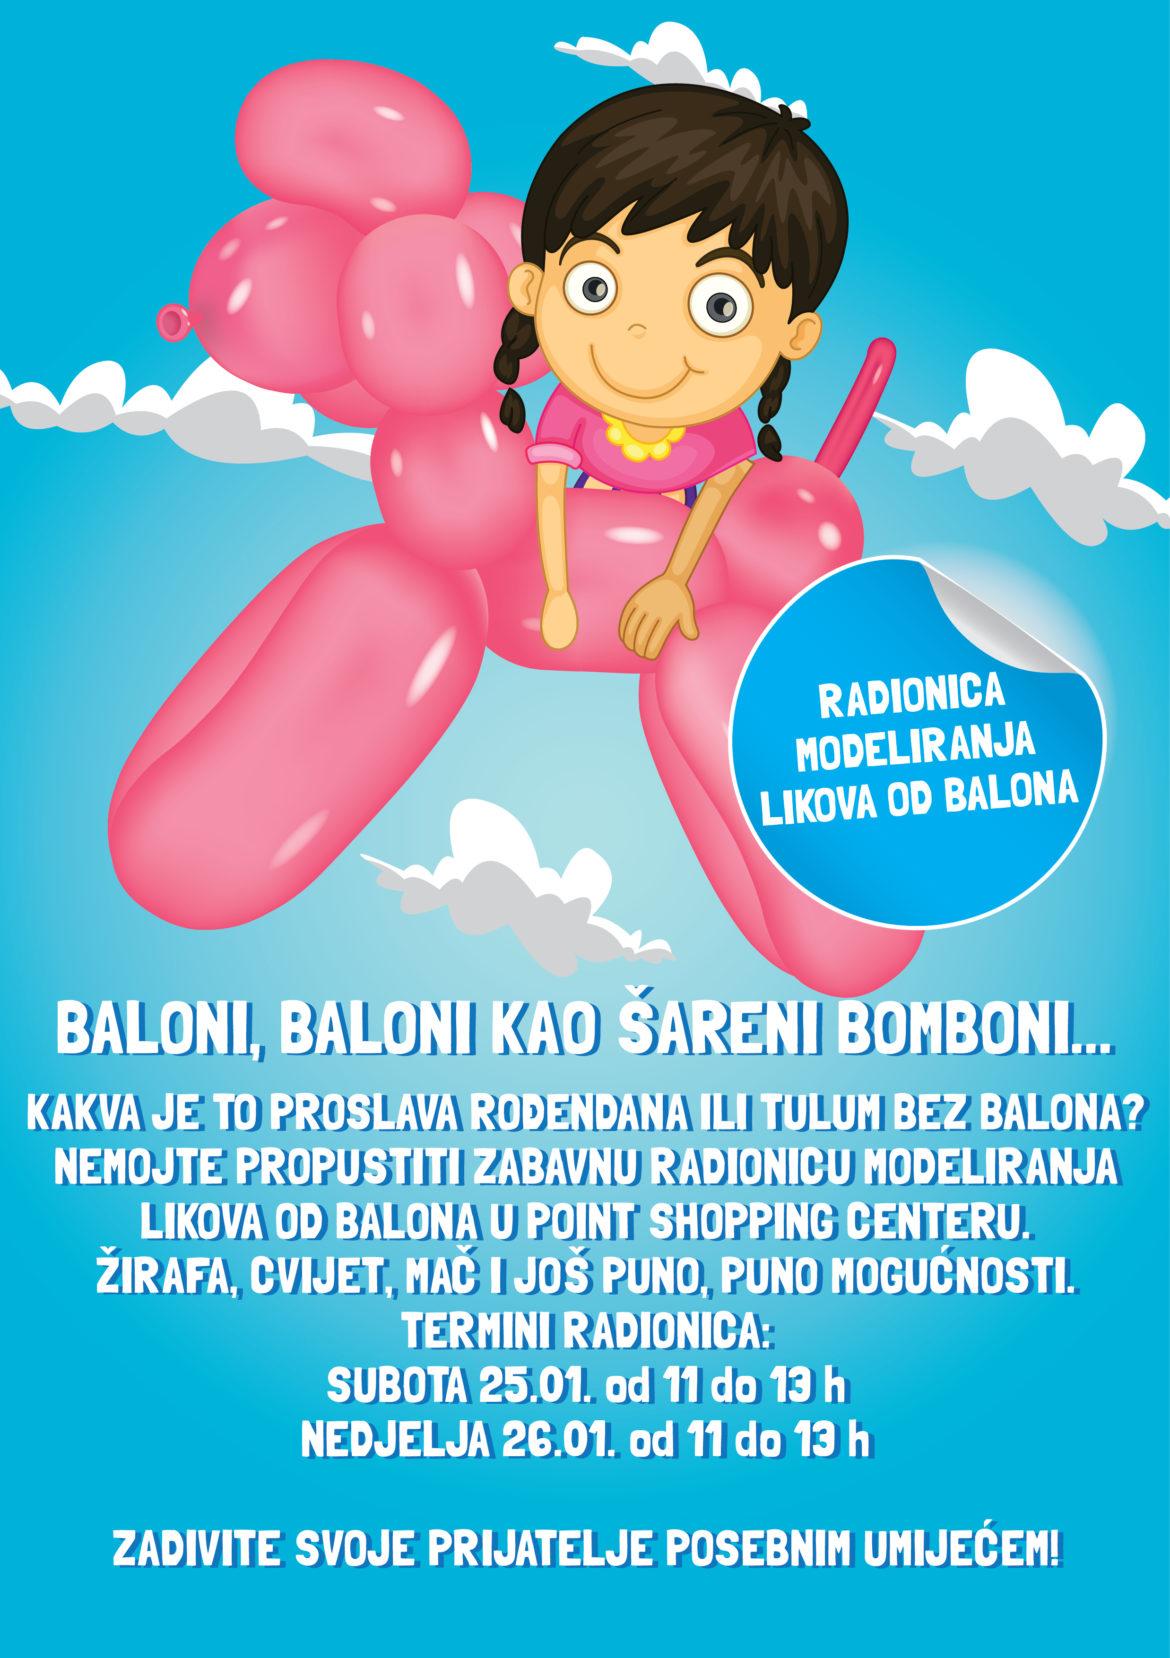 radionica modeliranja likova od balona-01